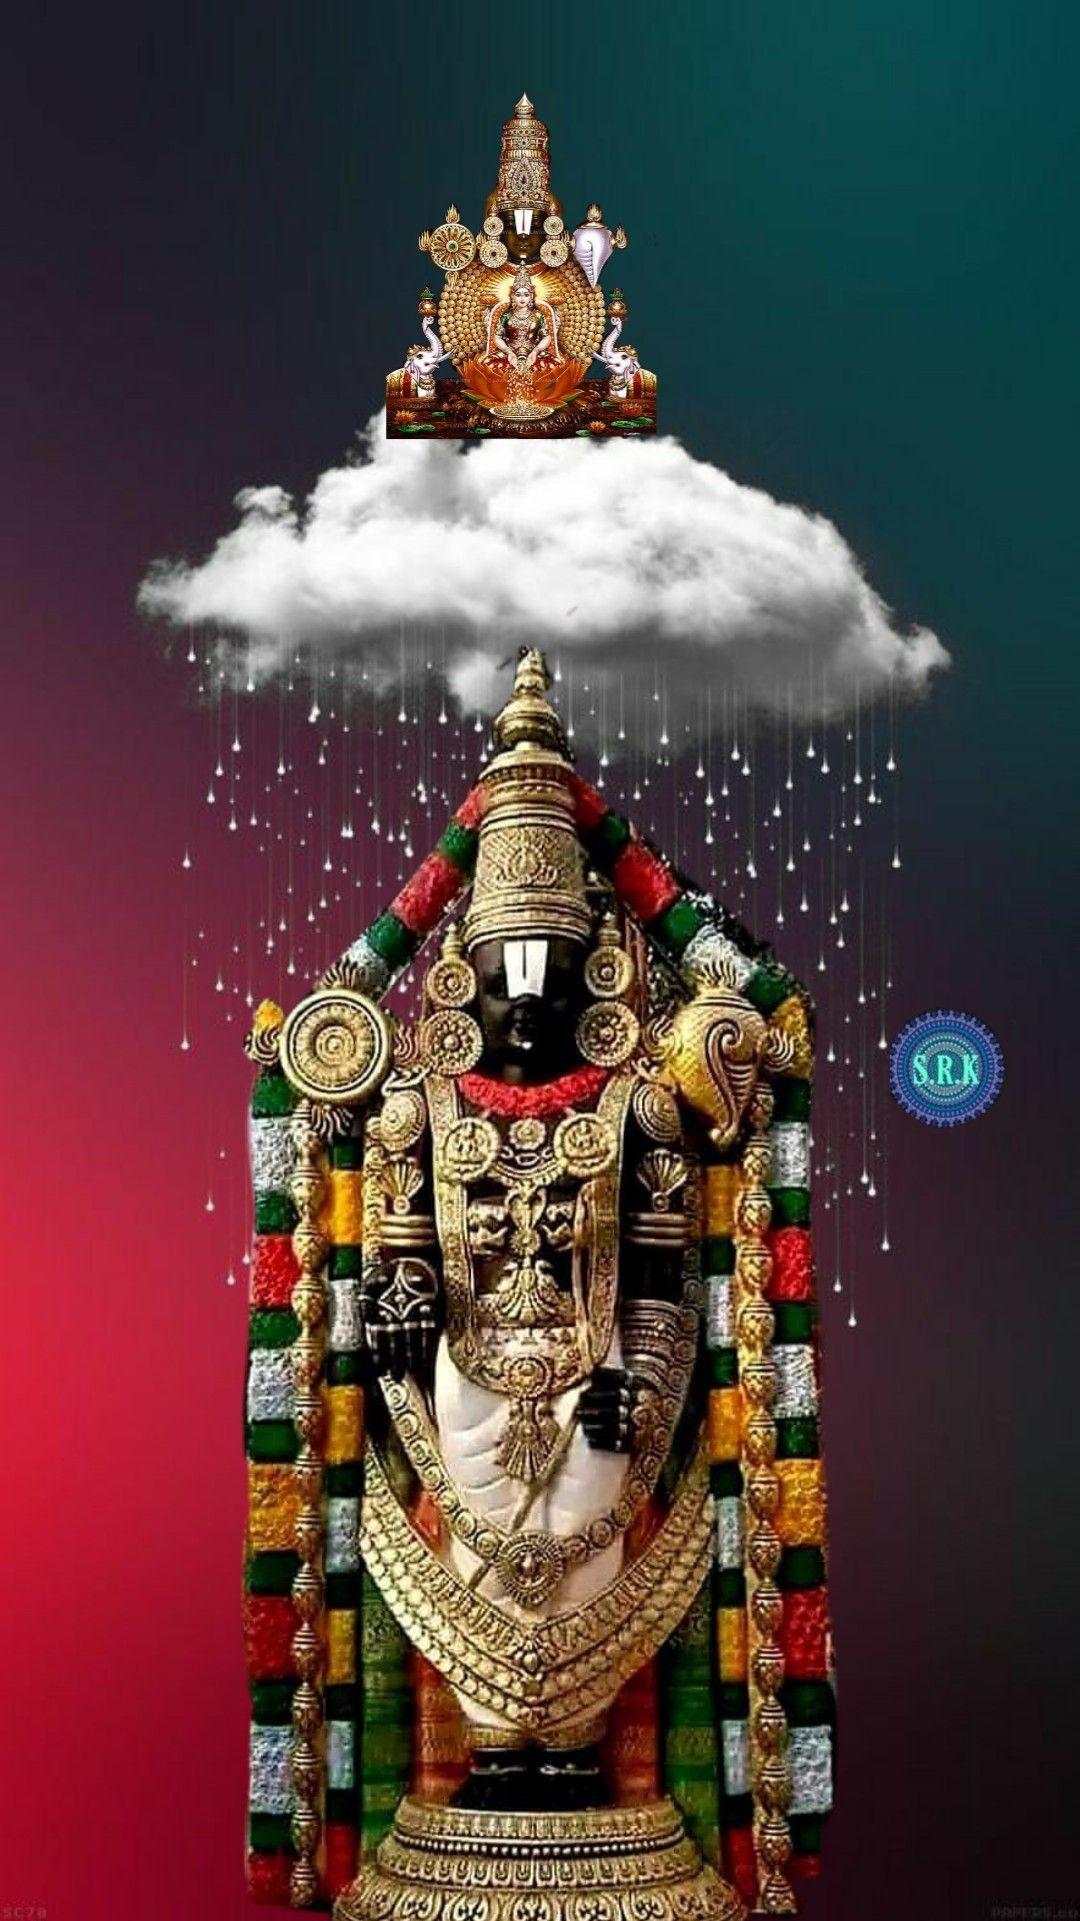 140 Lord Venkateswara Ideas In 2021 Lord Balaji Lord Vishnu Wallpapers Lord Murugan Wallpapers